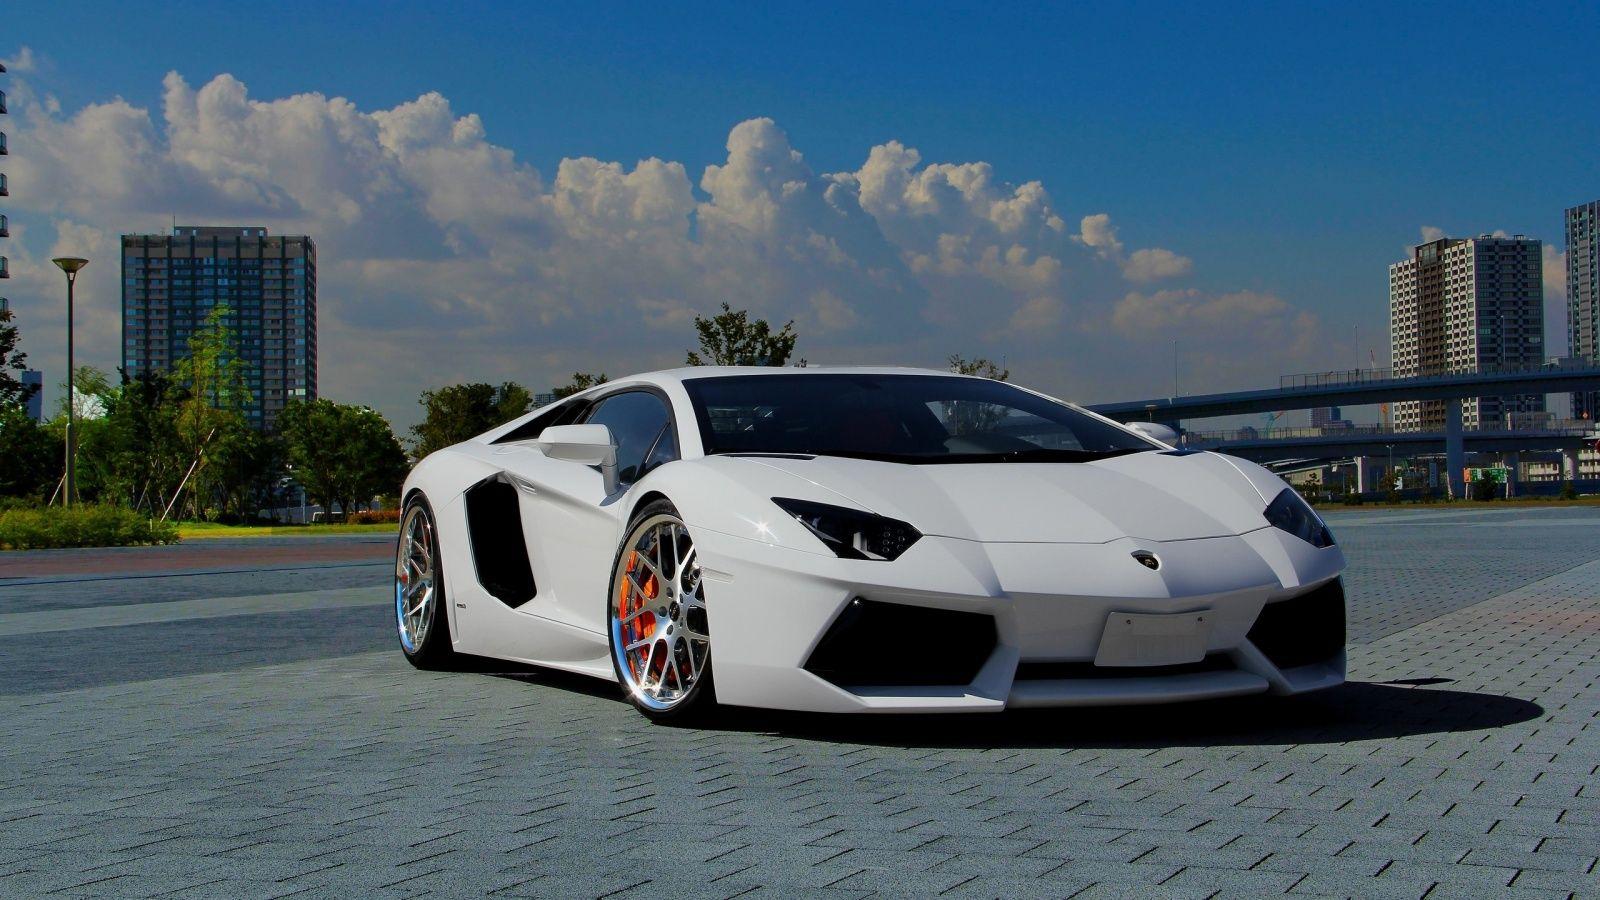 X Lamborghini Aventador White Wallpaper